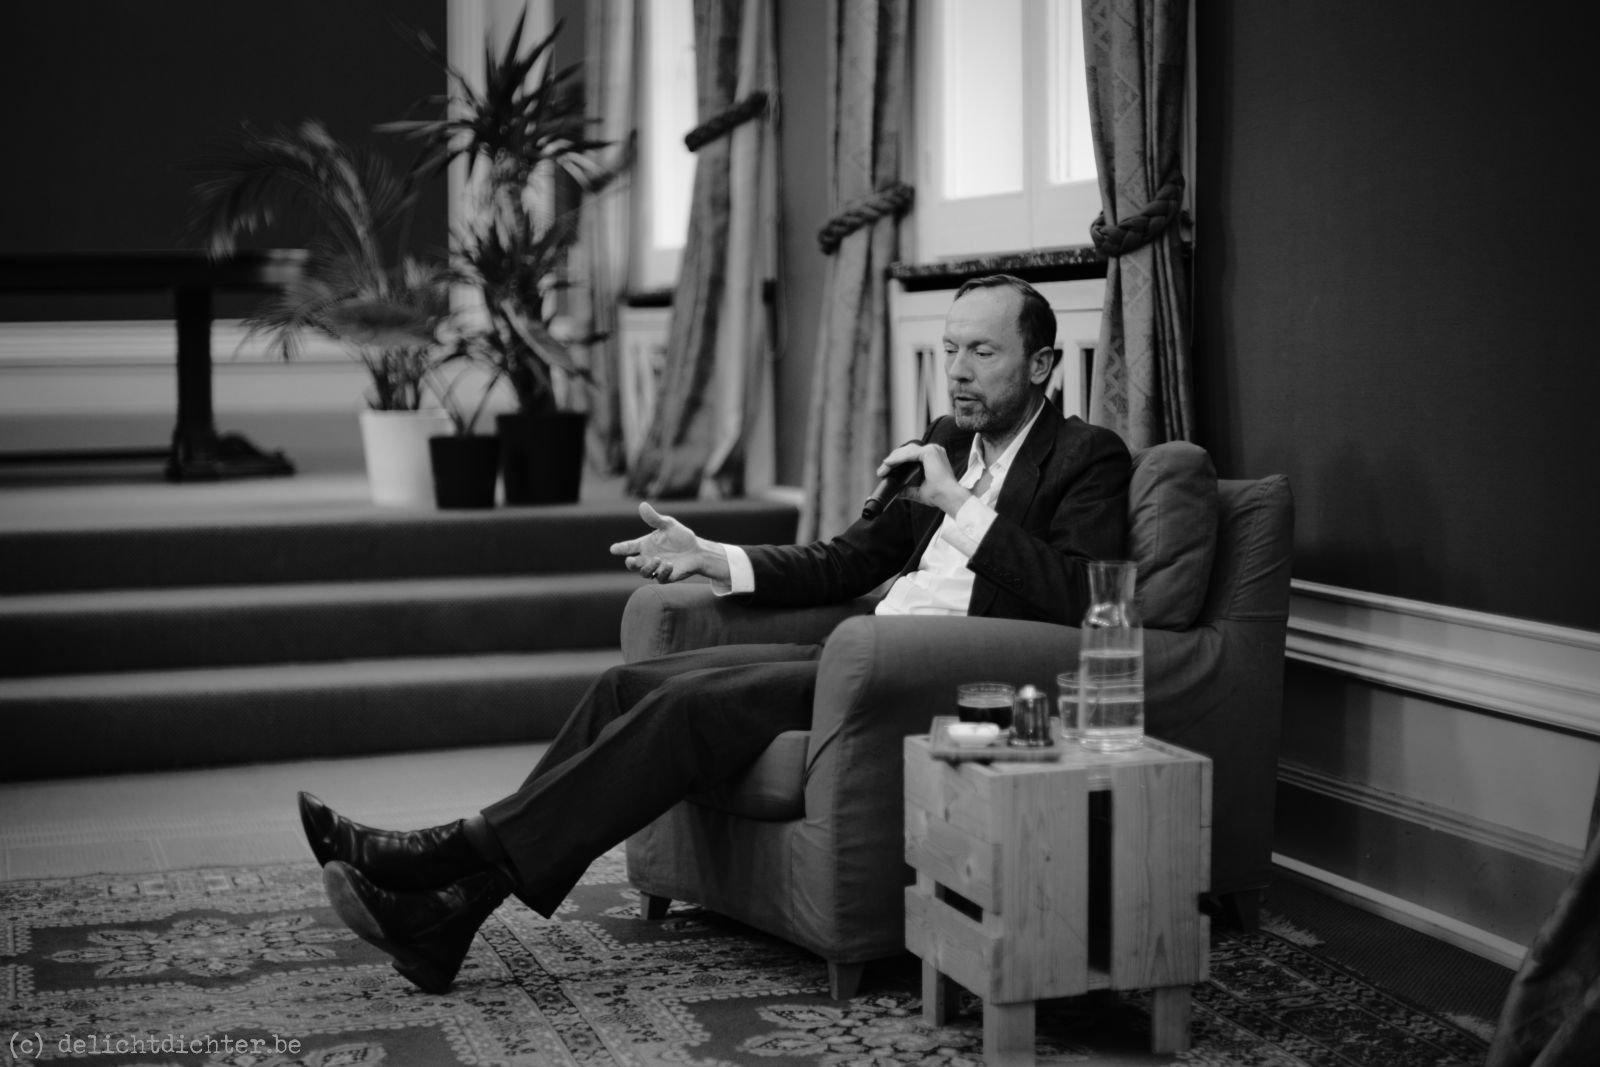 Lezing door Oscar van den Boogaard over zijn boek Kindsoldaat in Boekenhuis Theoria te Kortrijk.